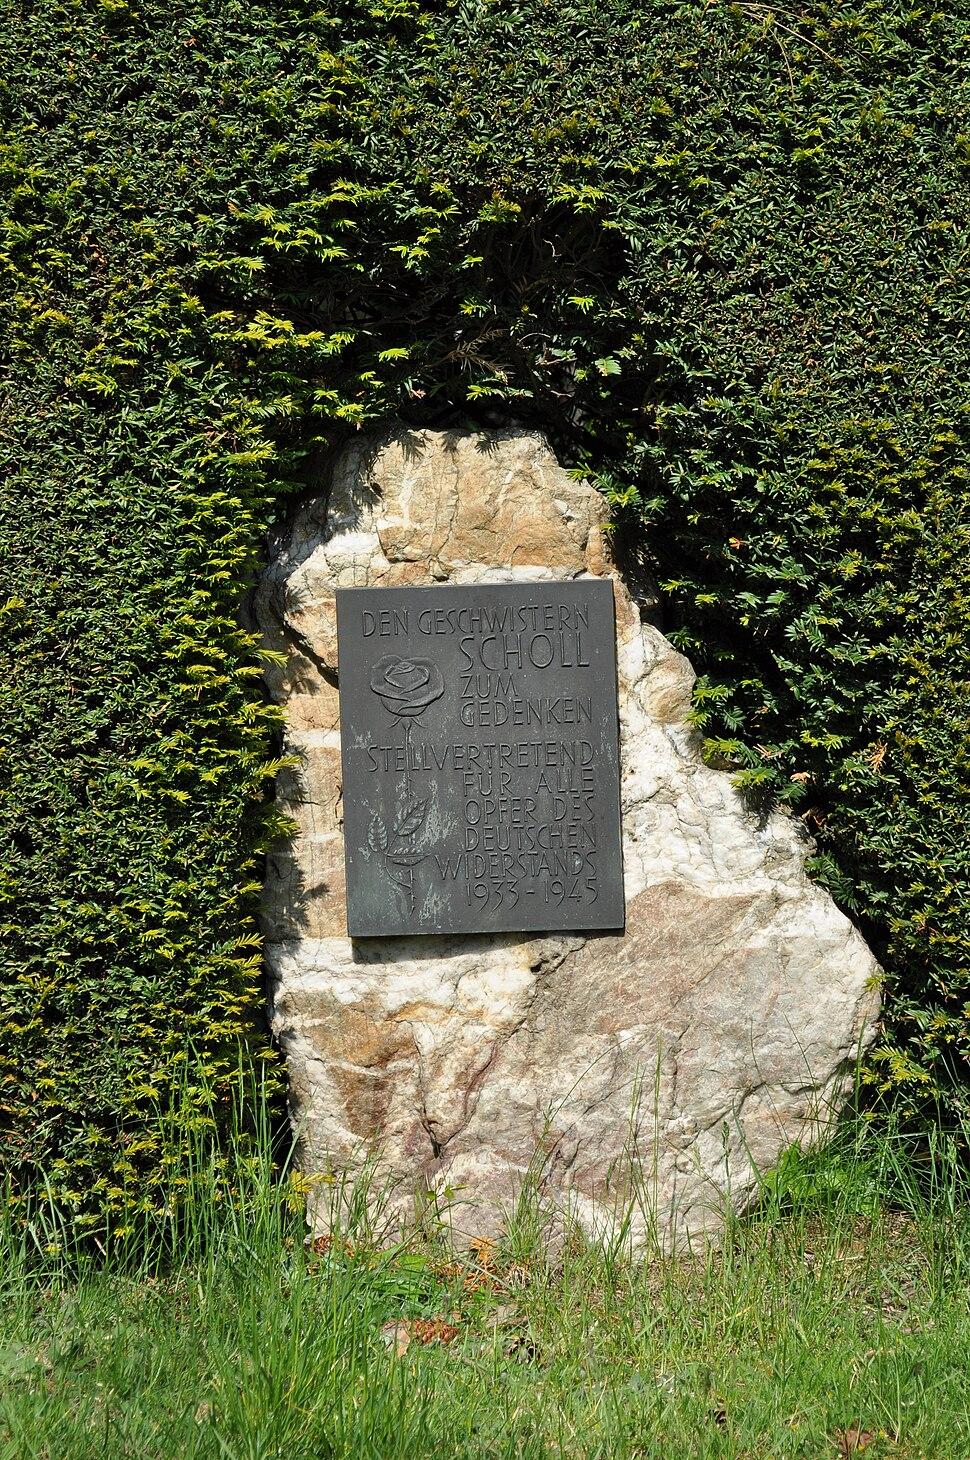 Bommersheim, Geschwister-Scholl-Gedenkstein